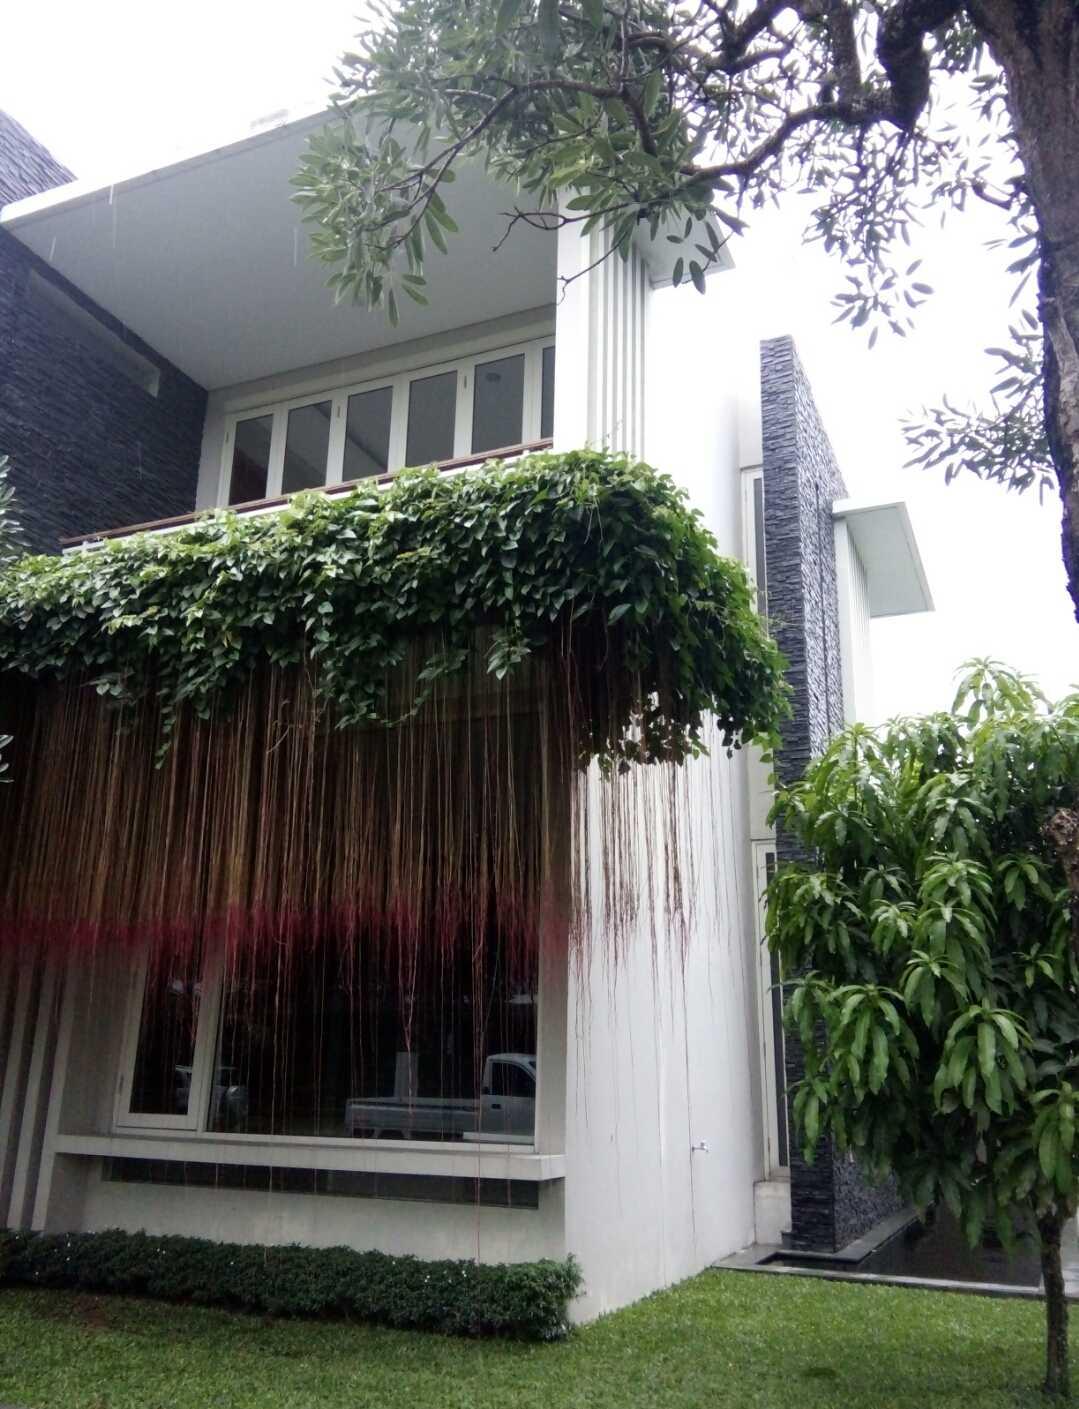 Aditya Wijaya / Studio Indirakasa 11 House Yogyakarta Yogyakarta Exterior Detail Kontemporer 17341